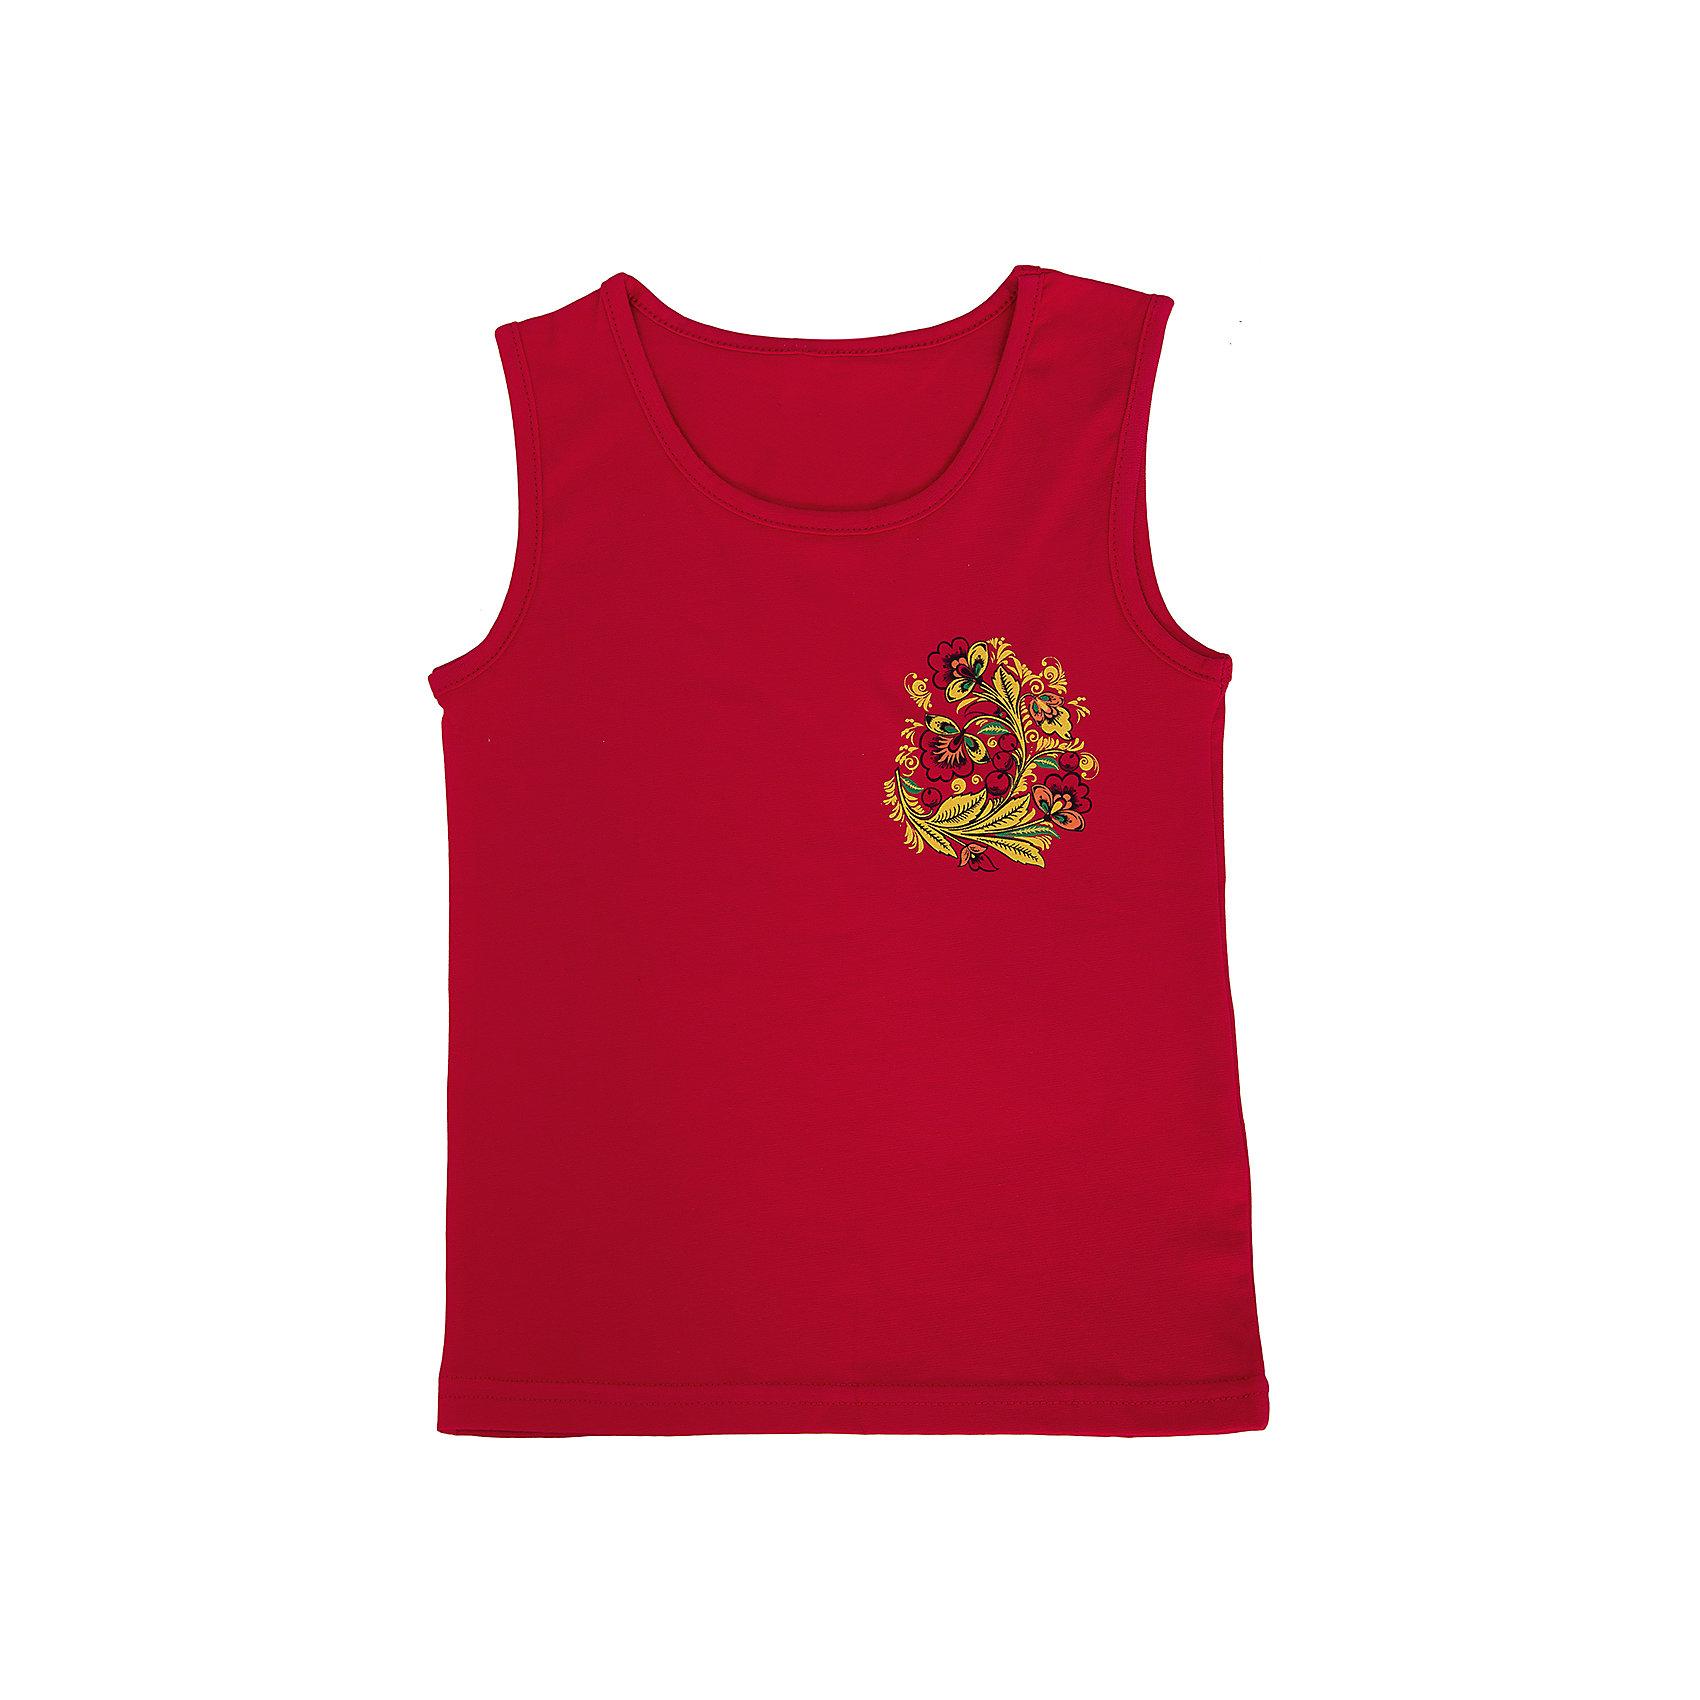 Майка для девочки АпрельЛетняя красная майка от торговой марки Апрель идеально дополнит летний образ маленькой модницы. Майка для девочки идеально сочетается с лосинами из одноименной коллекции Хохлома.<br><br>Дополнительная информация: <br><br>- цвет: красный <br>- состав: 92% хлопок, 8% лайкра<br>- ткань: кулир<br>- фирма-производитель: Апрель<br>- страна-производитель: Россия<br>- коллекция: Хохлома<br><br>Майку коллекции Хохлома от торговой марки Апрель можно купить в нашем интернет-магазине.<br><br>Ширина мм: 196<br>Глубина мм: 10<br>Высота мм: 154<br>Вес г: 152<br>Цвет: красный<br>Возраст от месяцев: 60<br>Возраст до месяцев: 72<br>Пол: Женский<br>Возраст: Детский<br>Размер: 116,140,128,134,122<br>SKU: 4763654